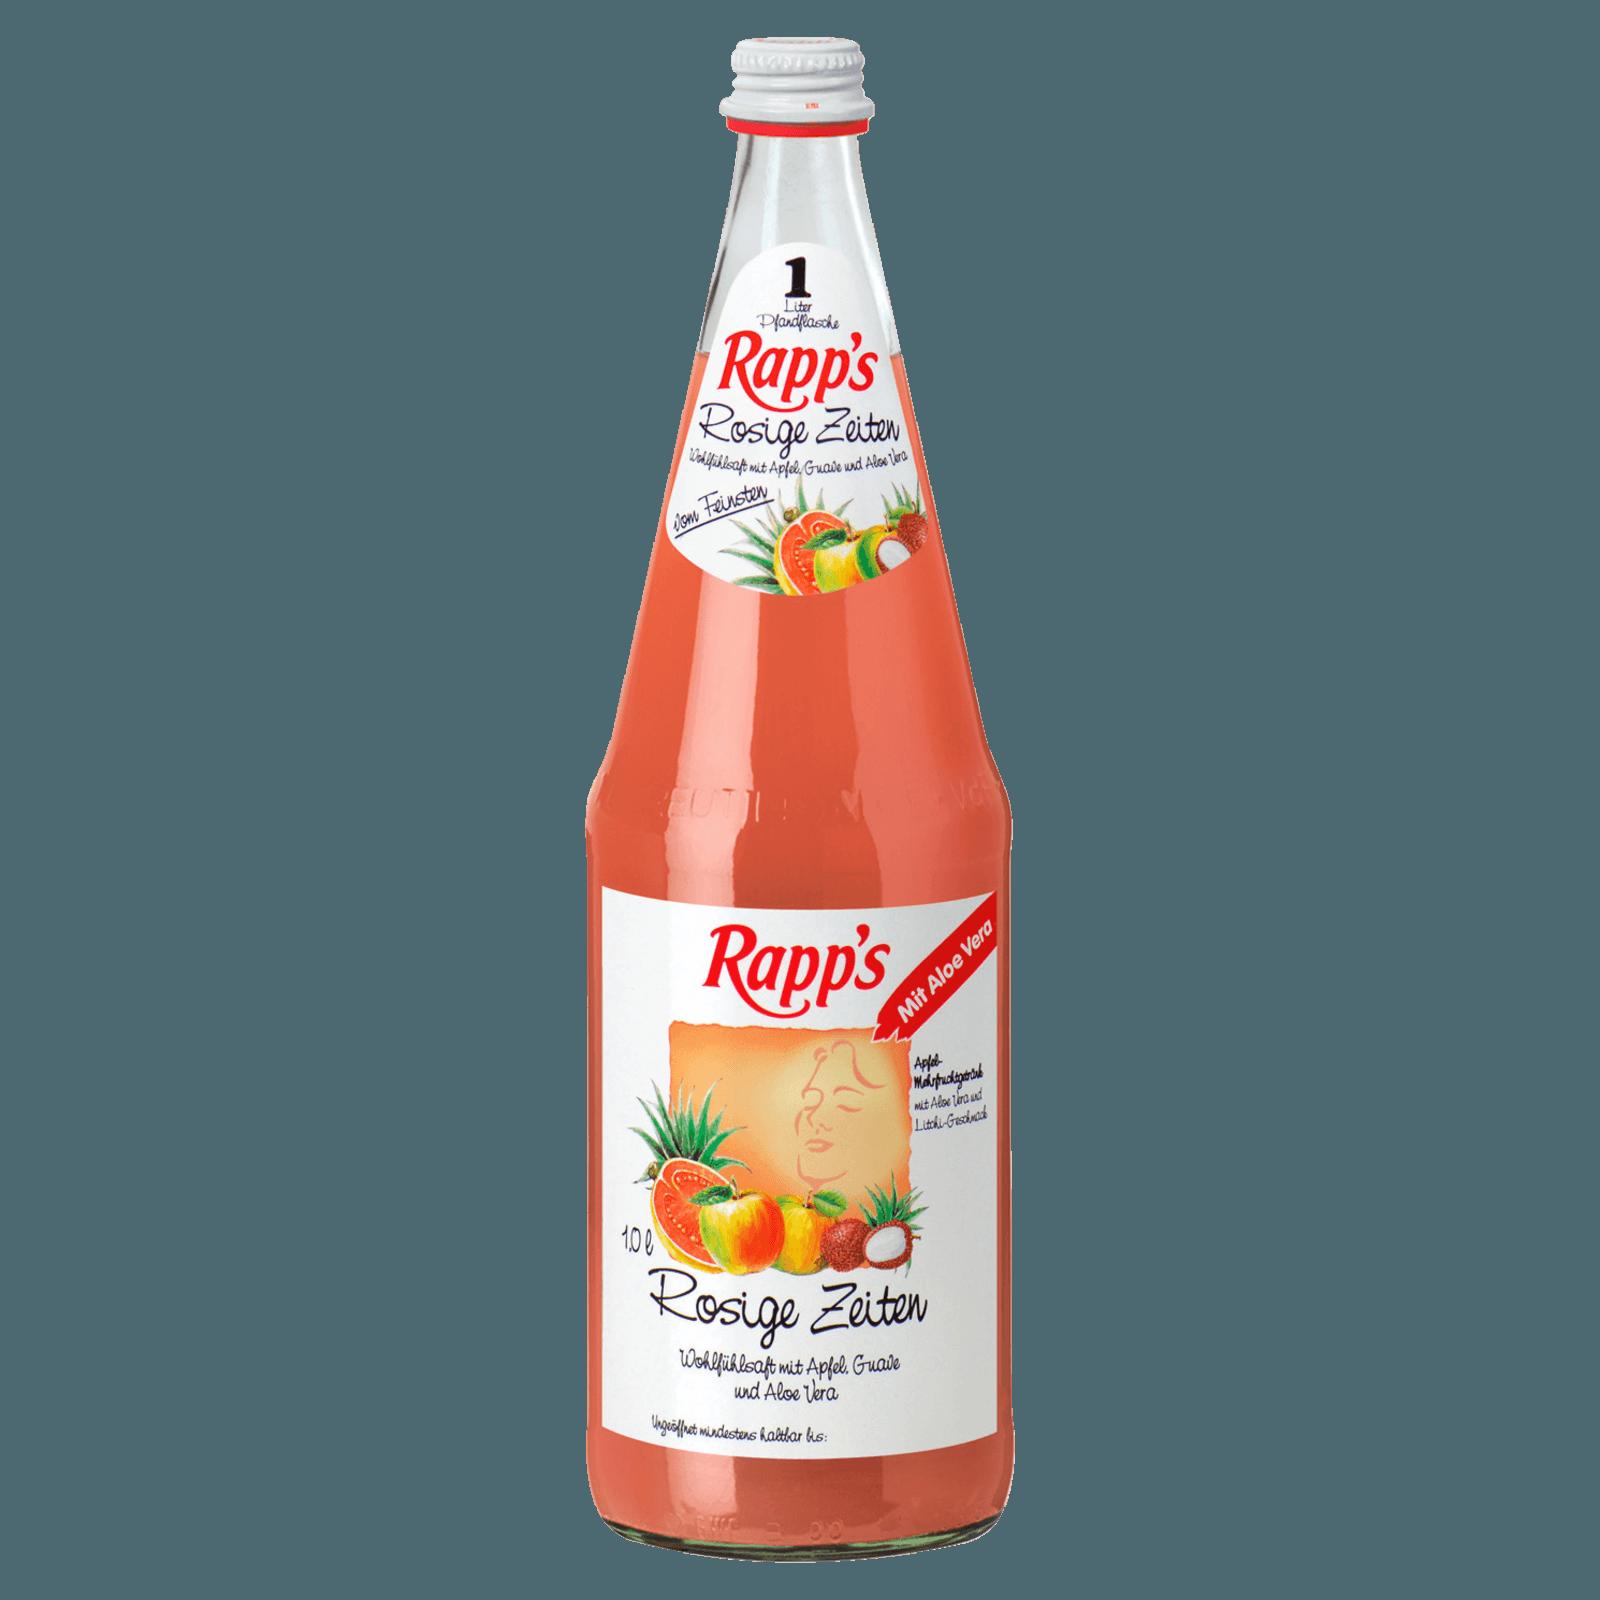 Rapp\'s Rosige Zeiten 1l bei REWE online bestellen!